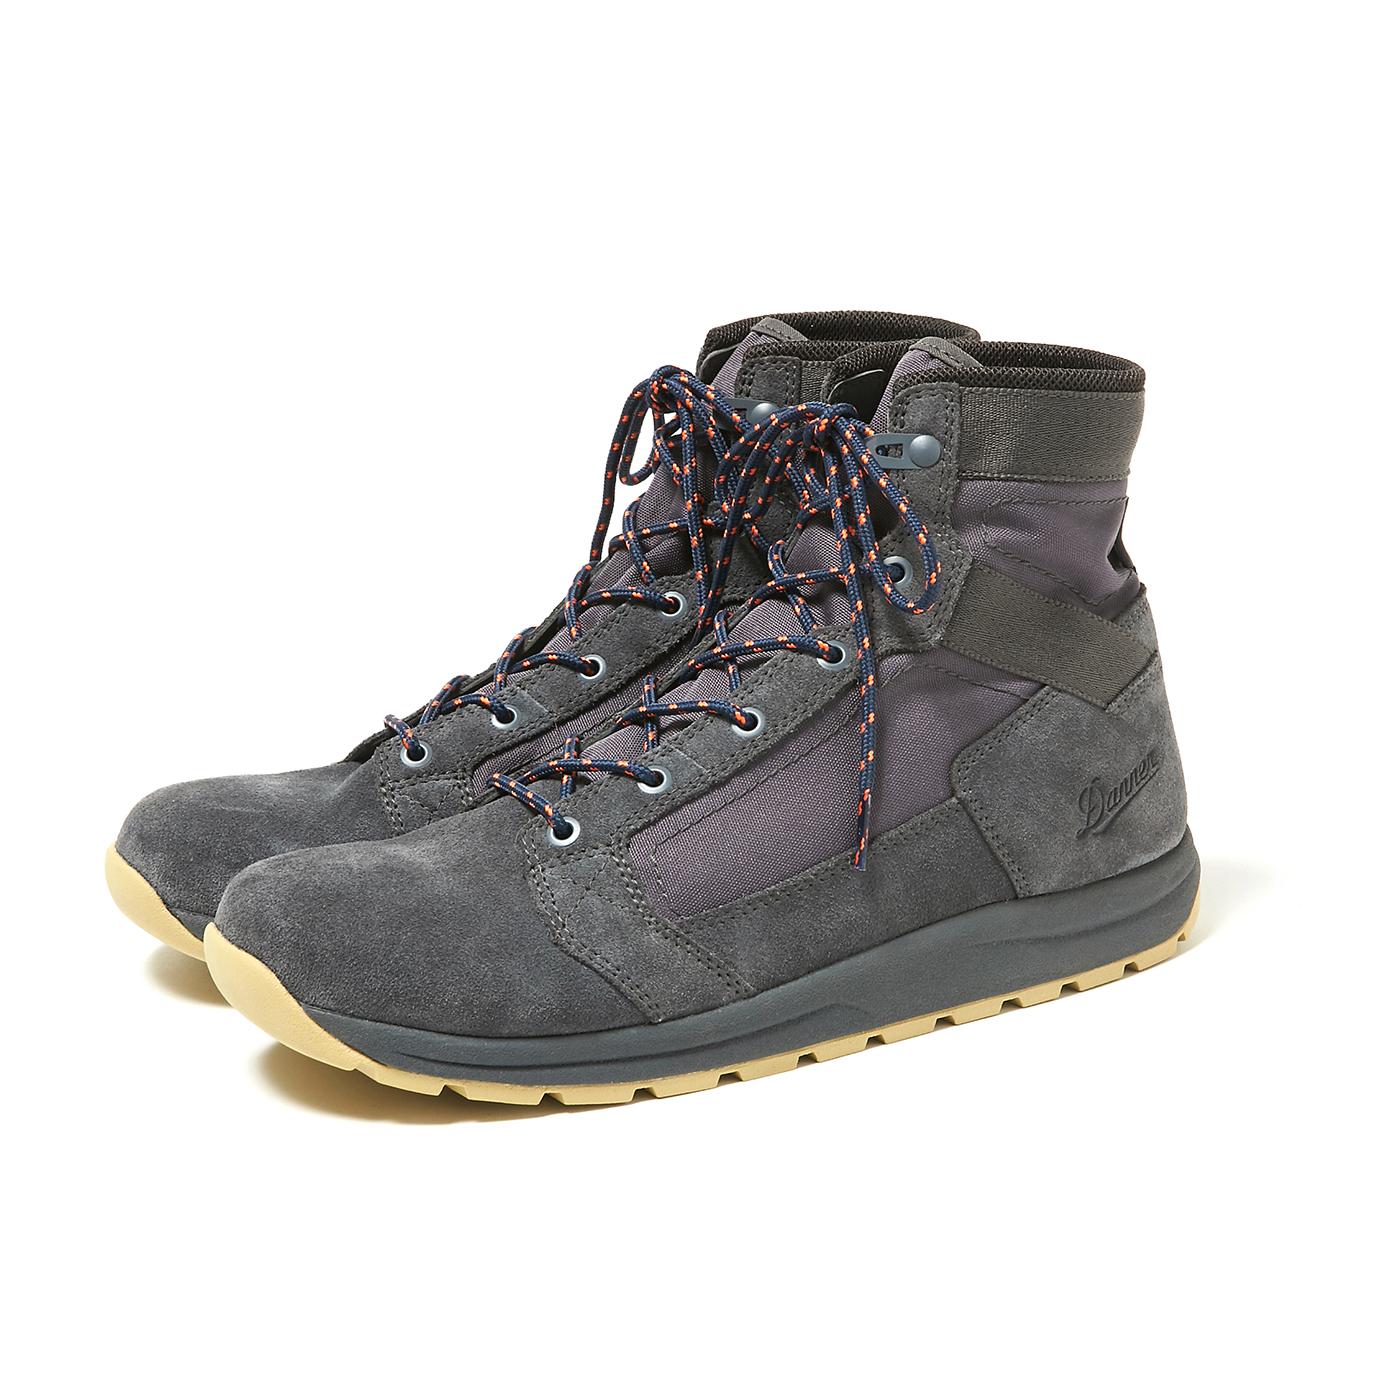 """hobo / """"TACHYON 6"""" Lightweight Boots by DANNER"""